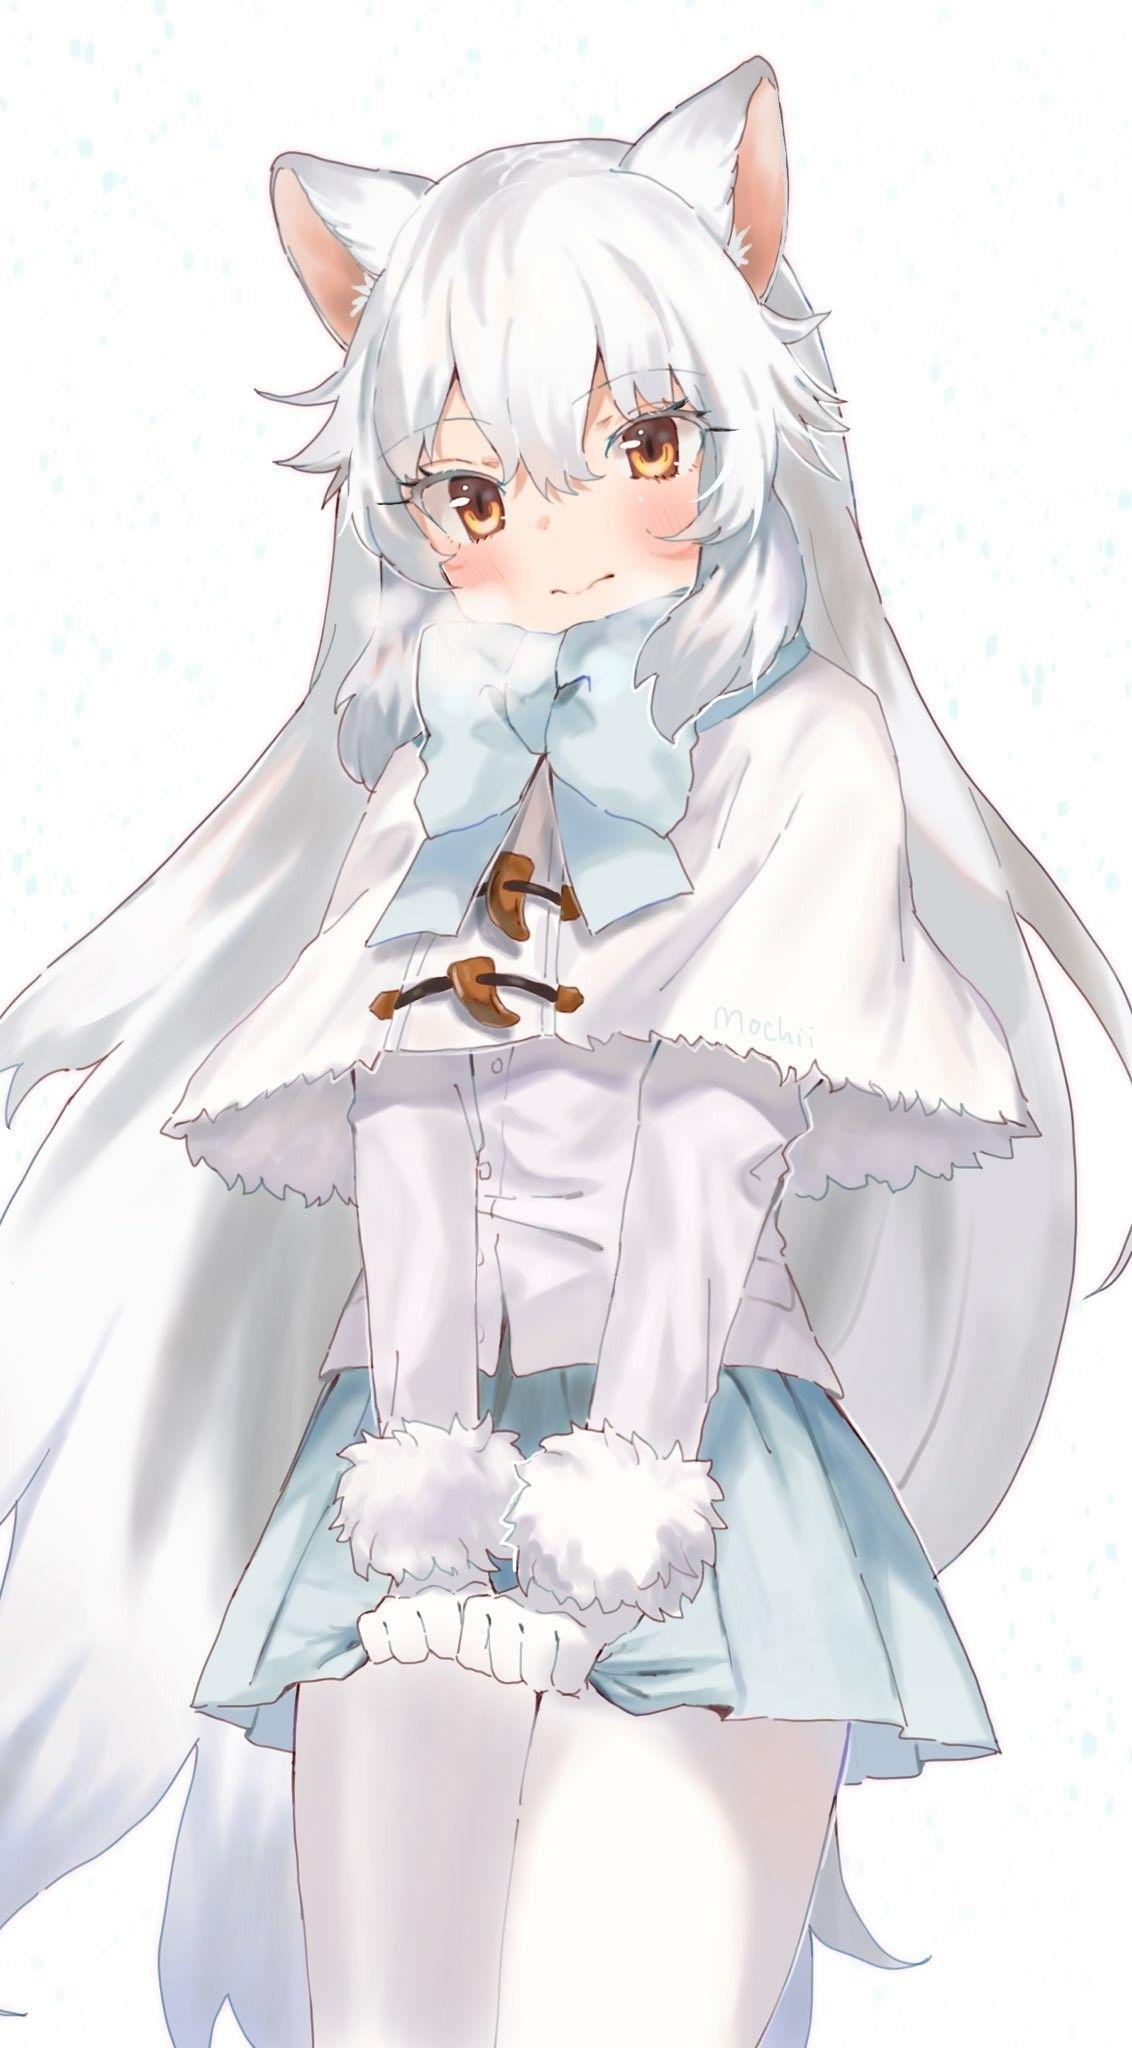 Cute Anime Arctic Fox Girl